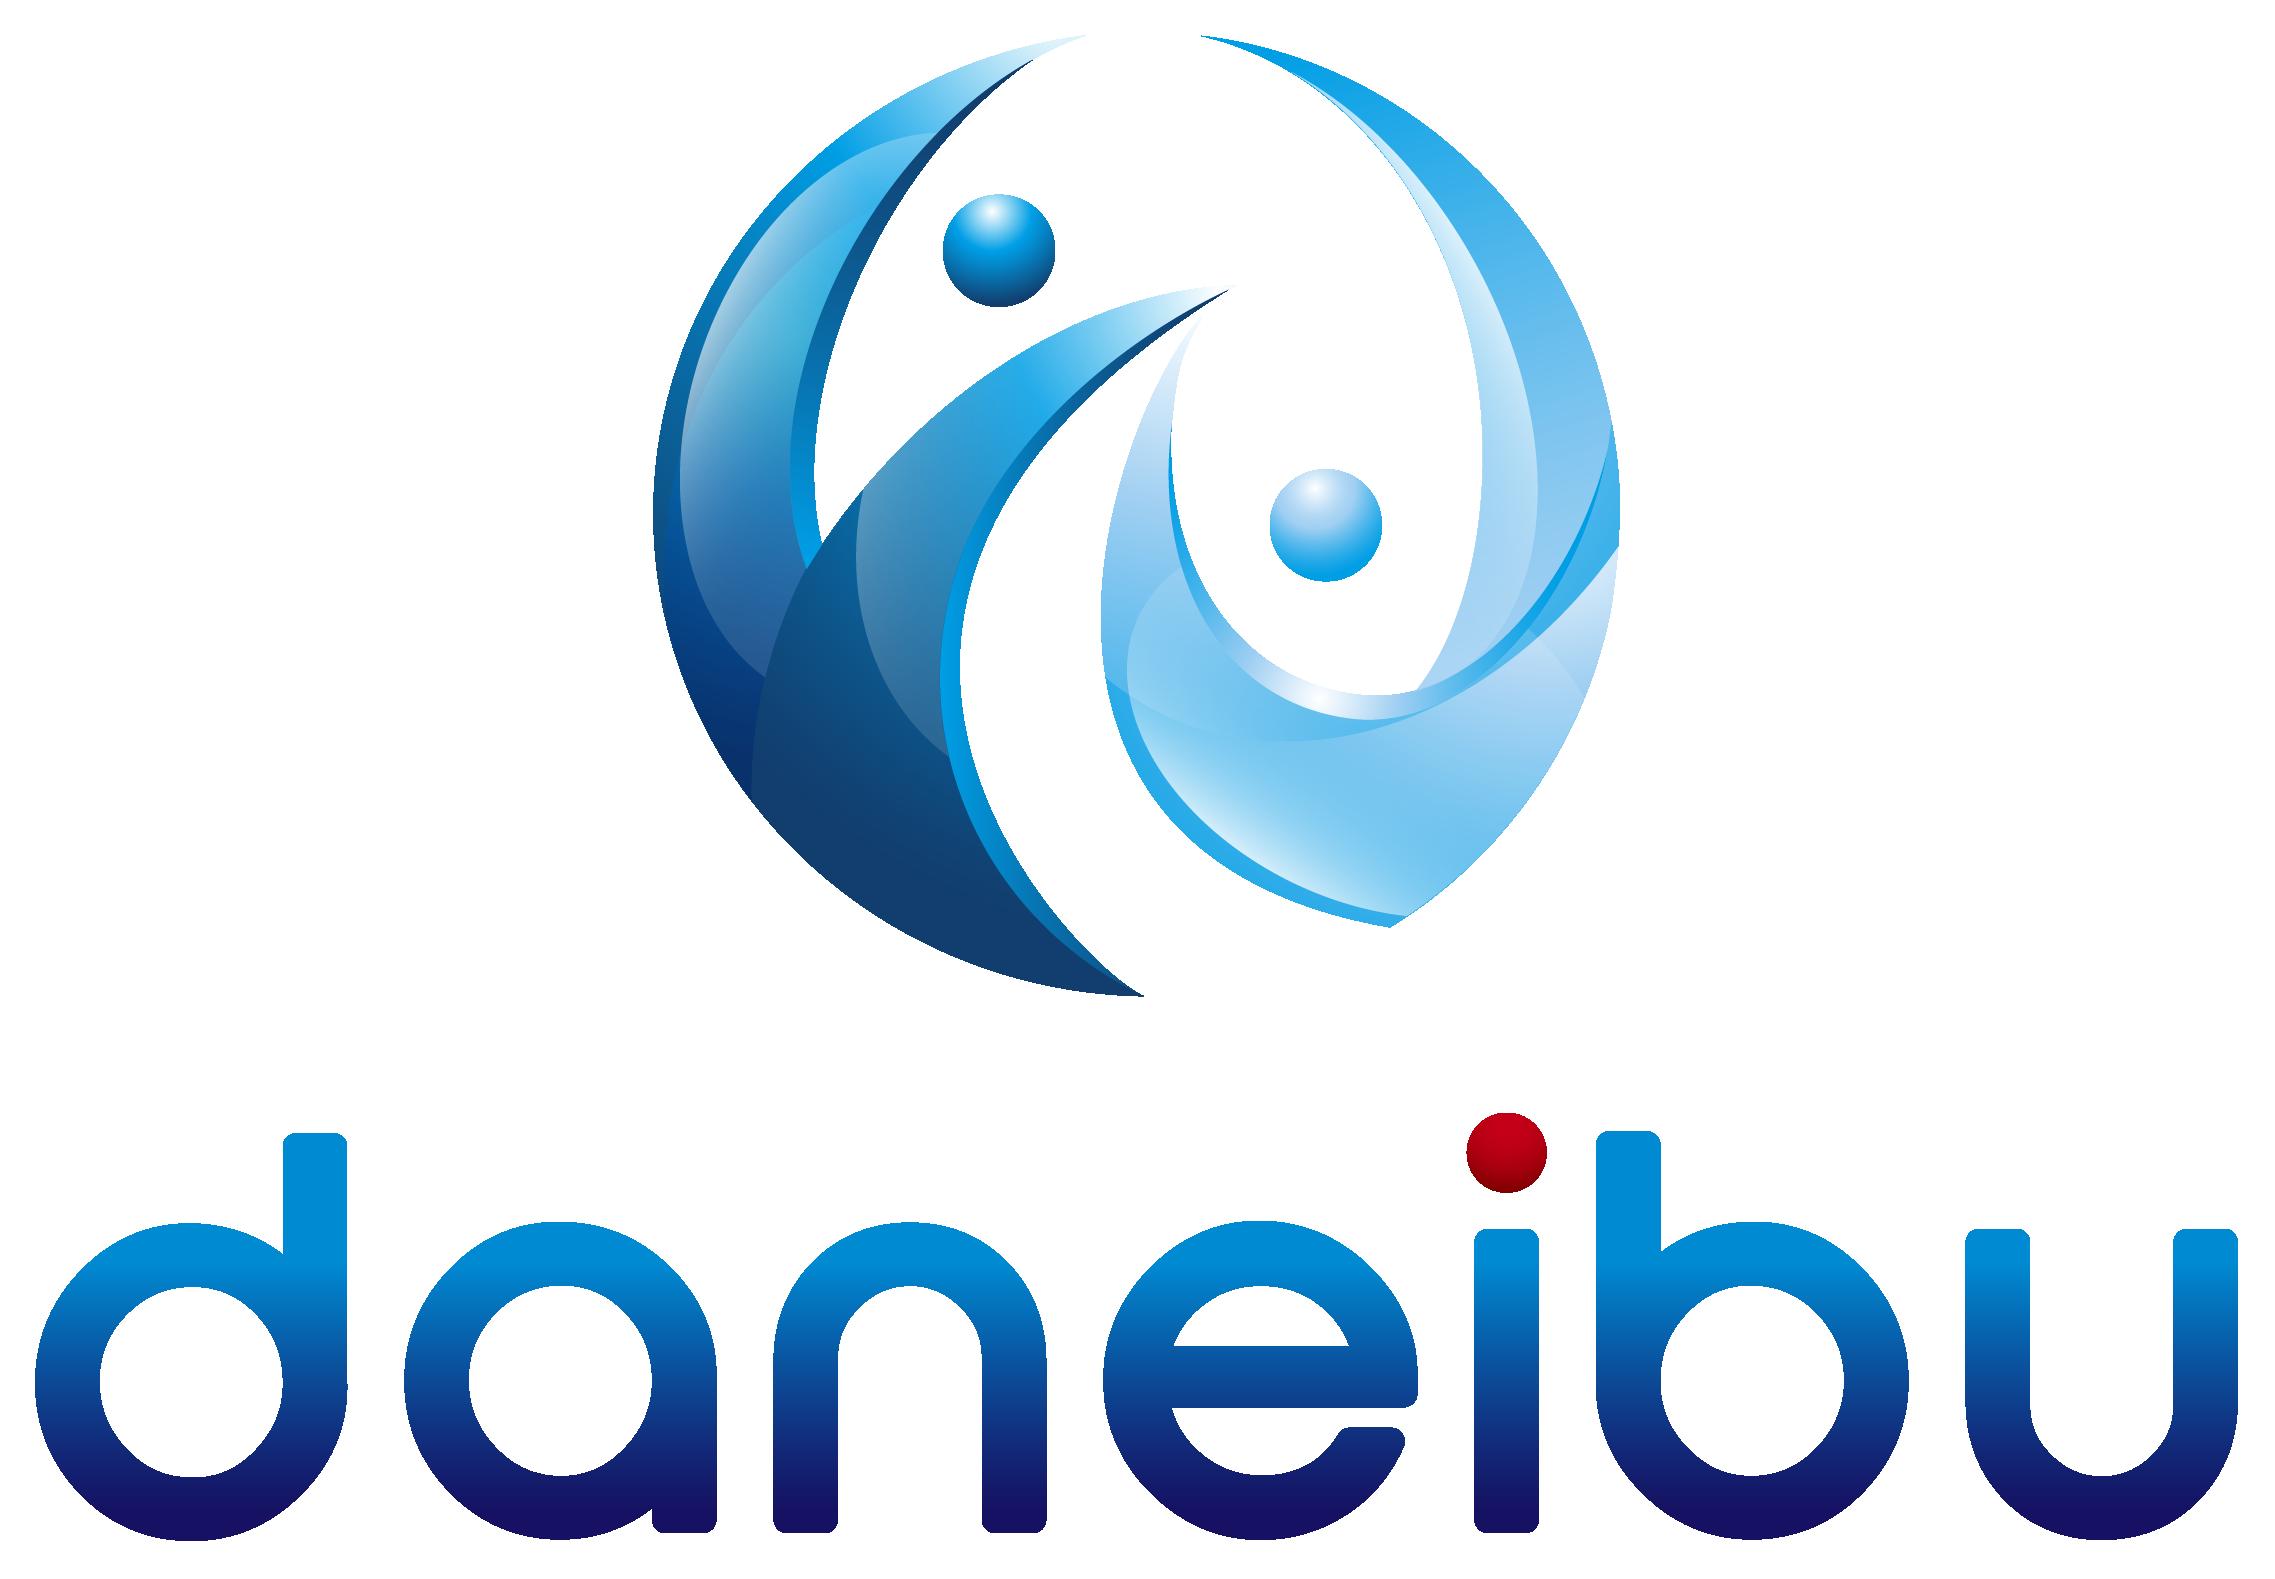 サービス業と立体的と青のロゴ